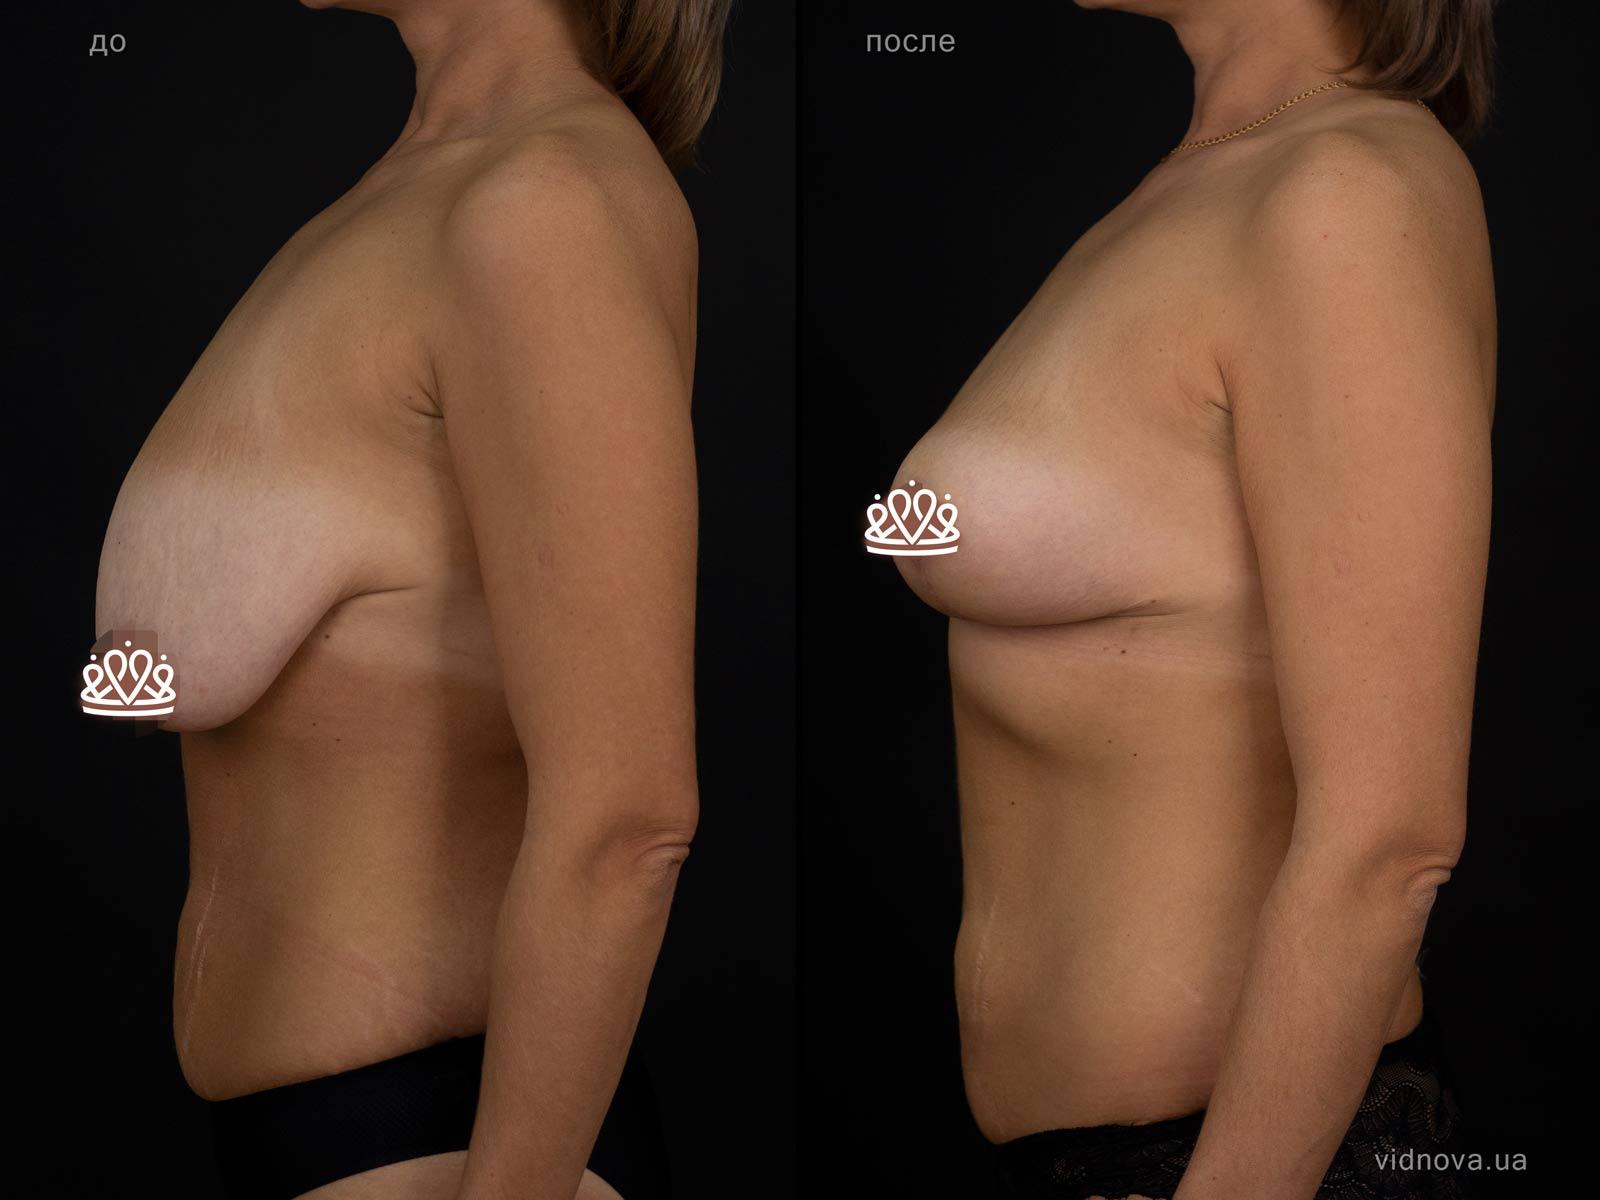 Пластика груди: результаты до и после - Пример №117-2 - Светлана Работенко